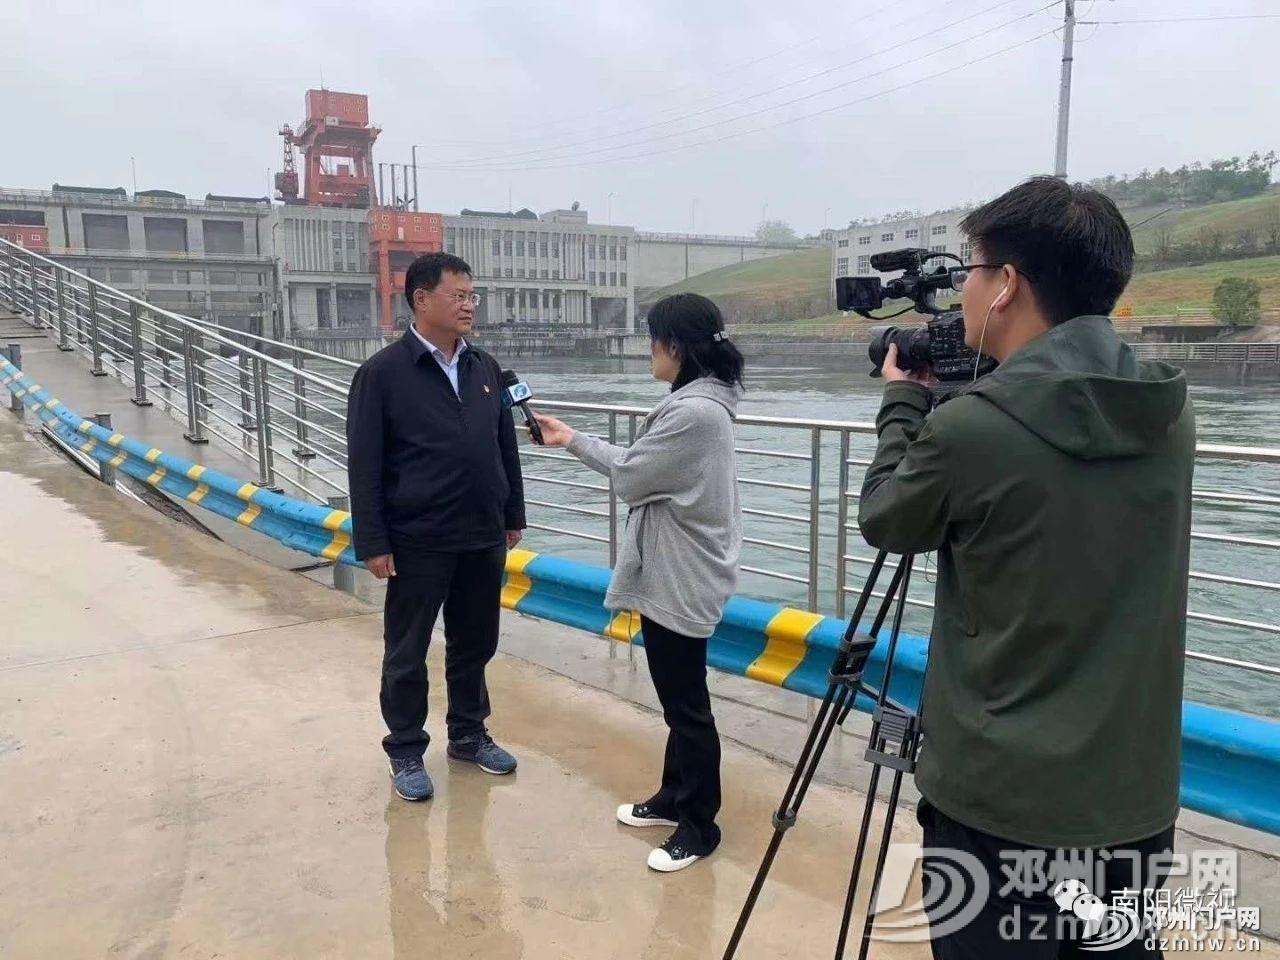 南水北调中线工程首次以设计最大流量输水 - 邓州门户网|邓州网 - 4930f03166e849f9eb4a29db6c371c2f.jpg